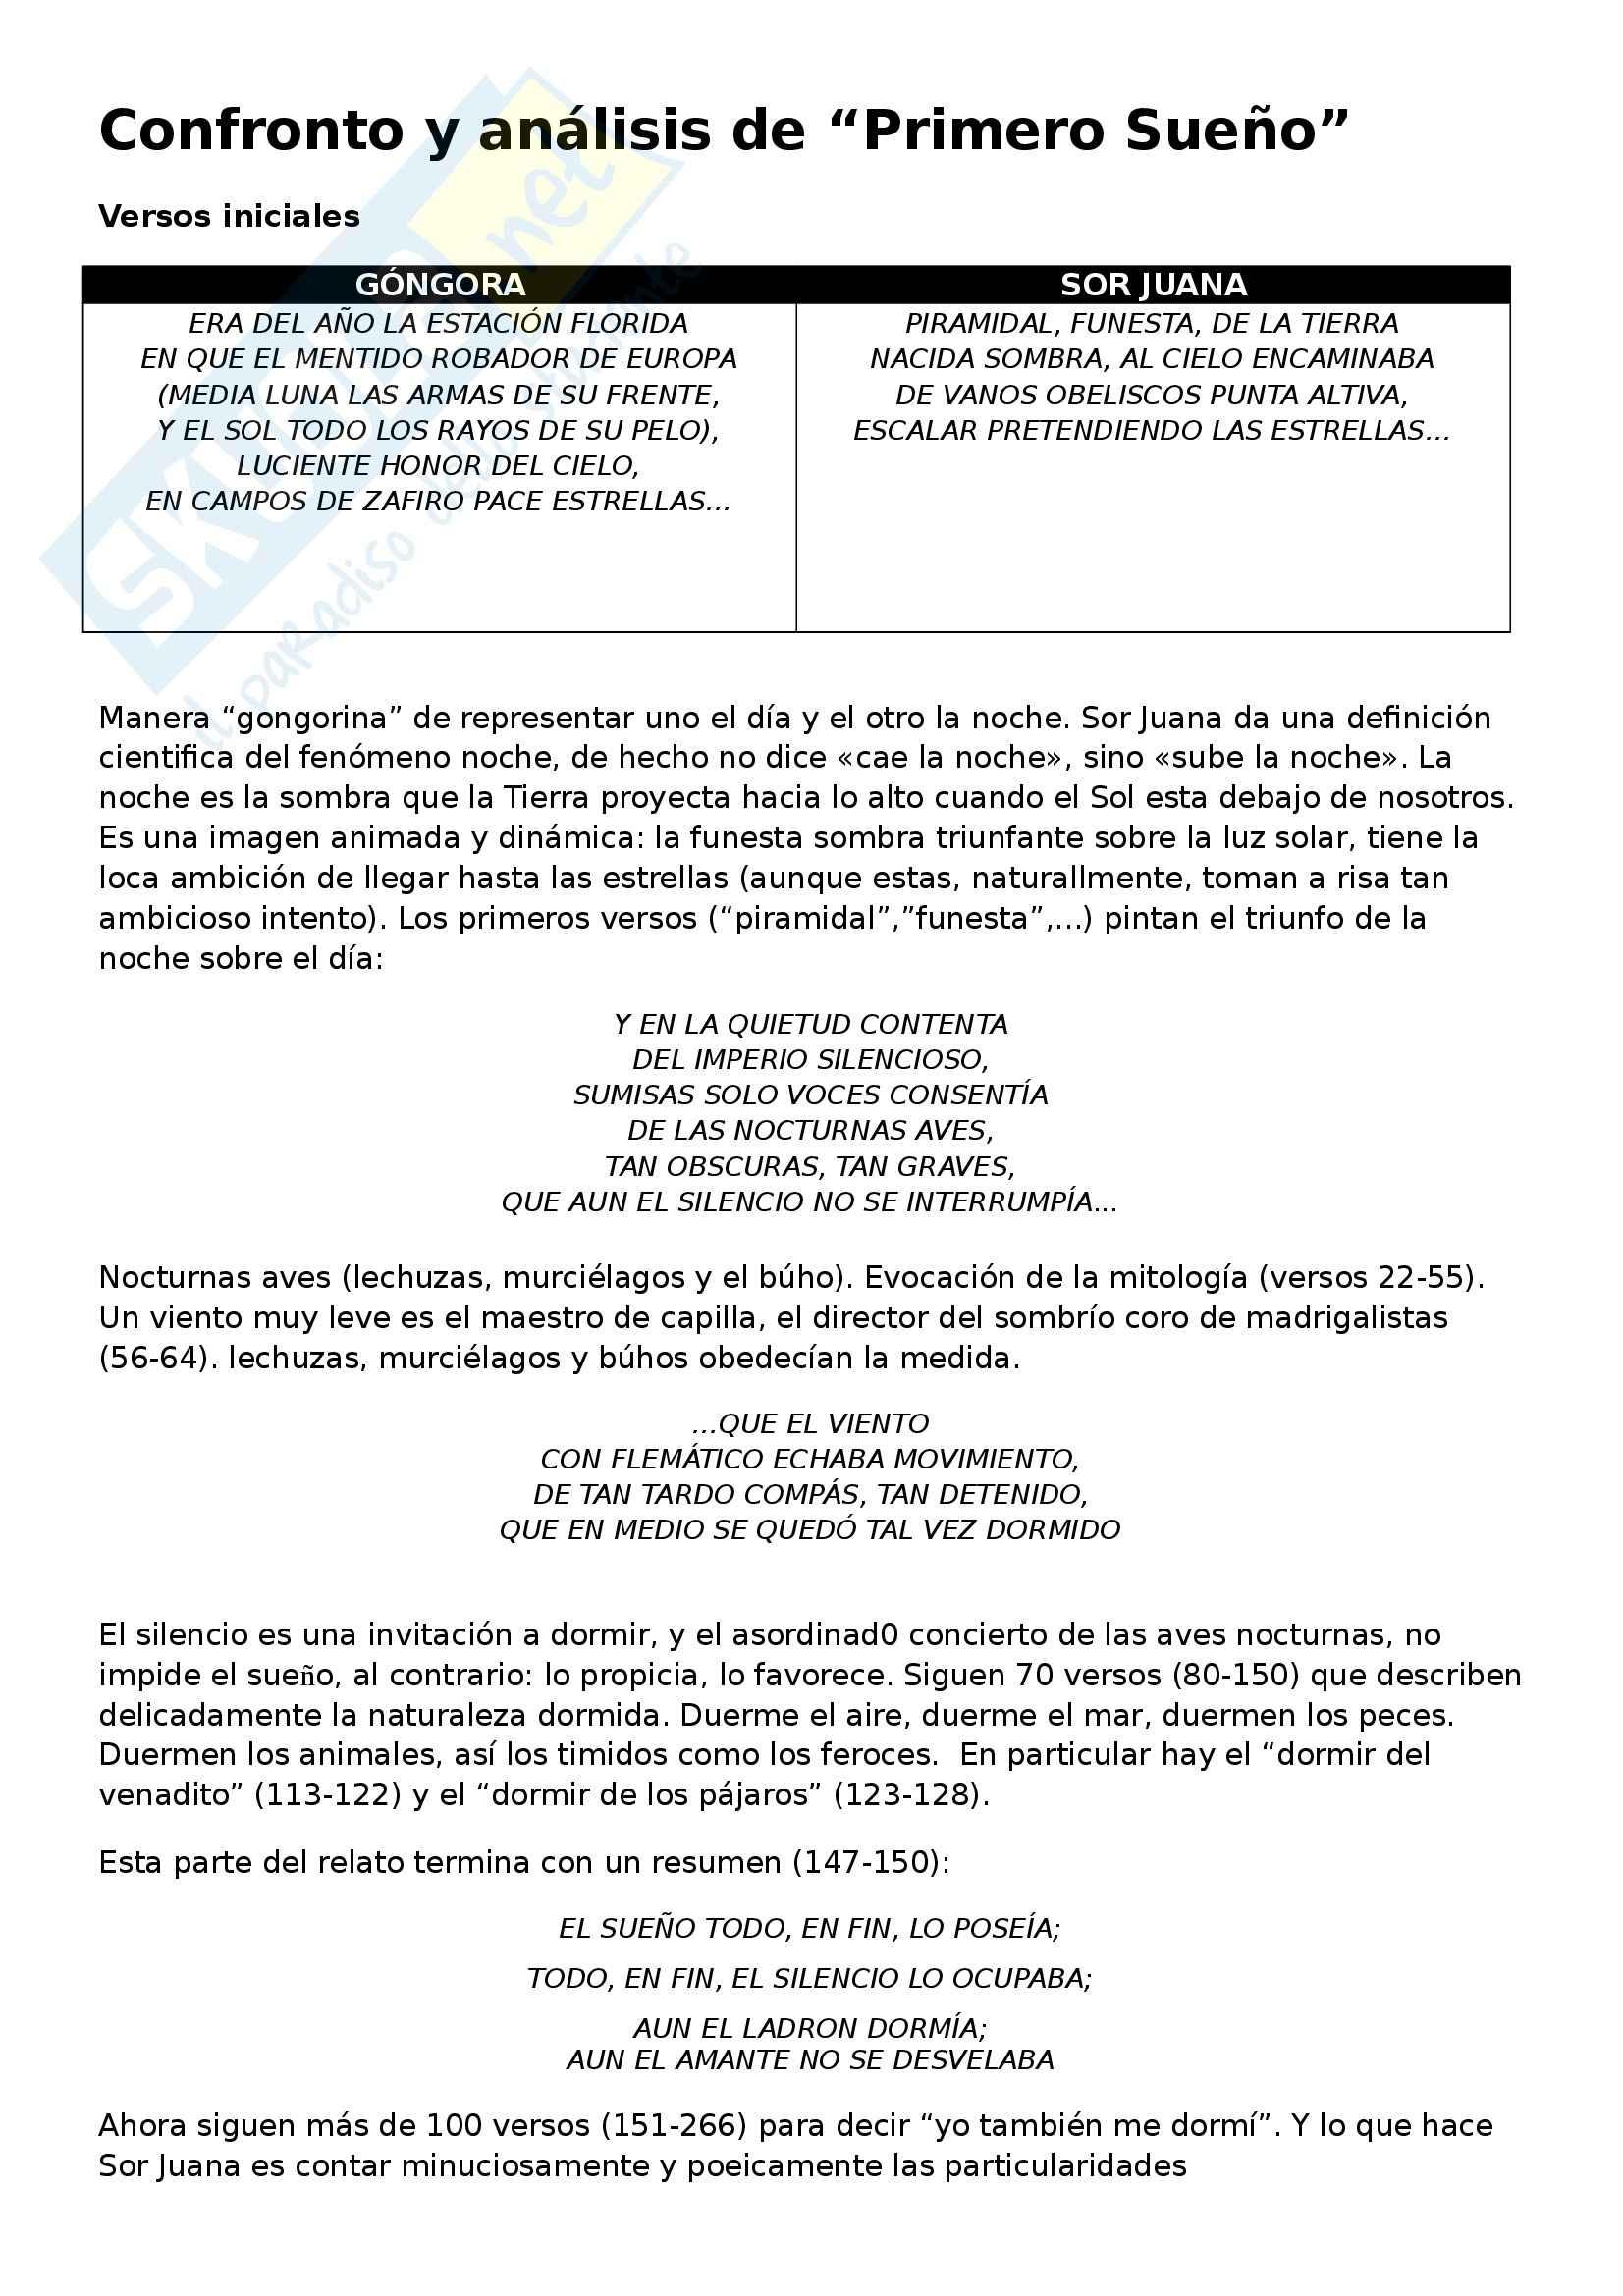 Letteratura spagnola - Analisis y confronto entre Gongora y Sor Juana